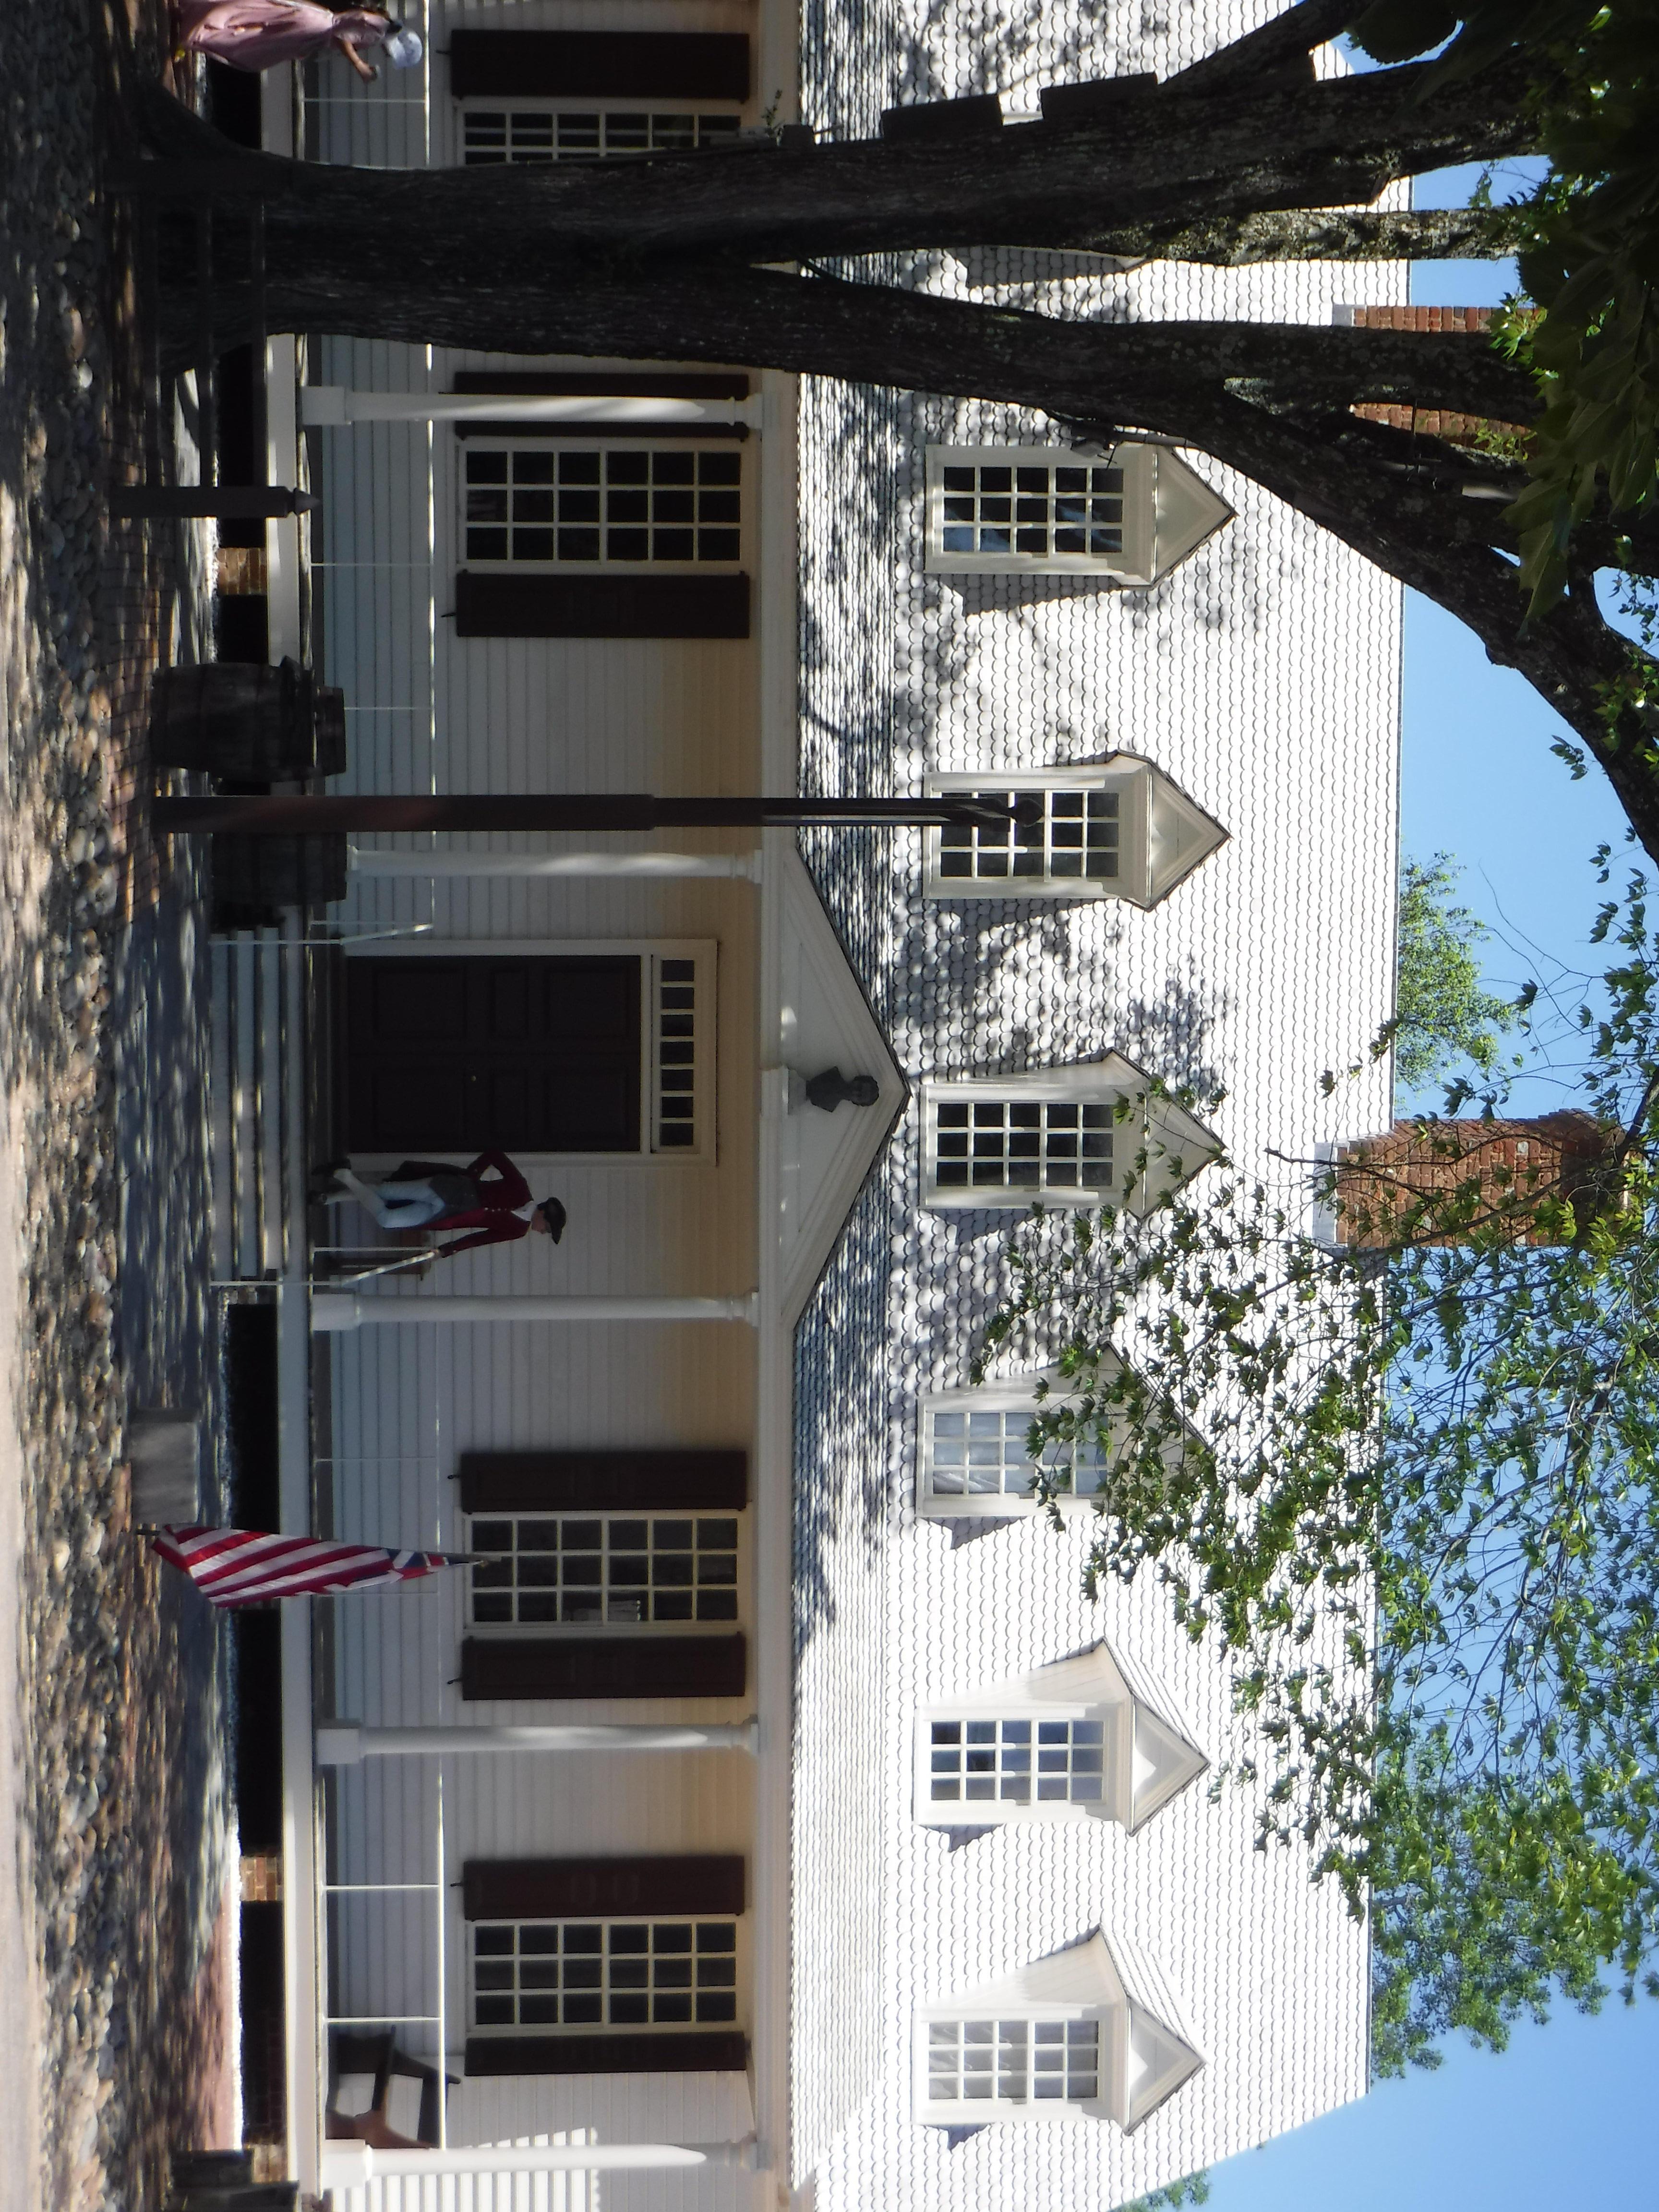 Image for blog article: Richmond et la guerre de sécession